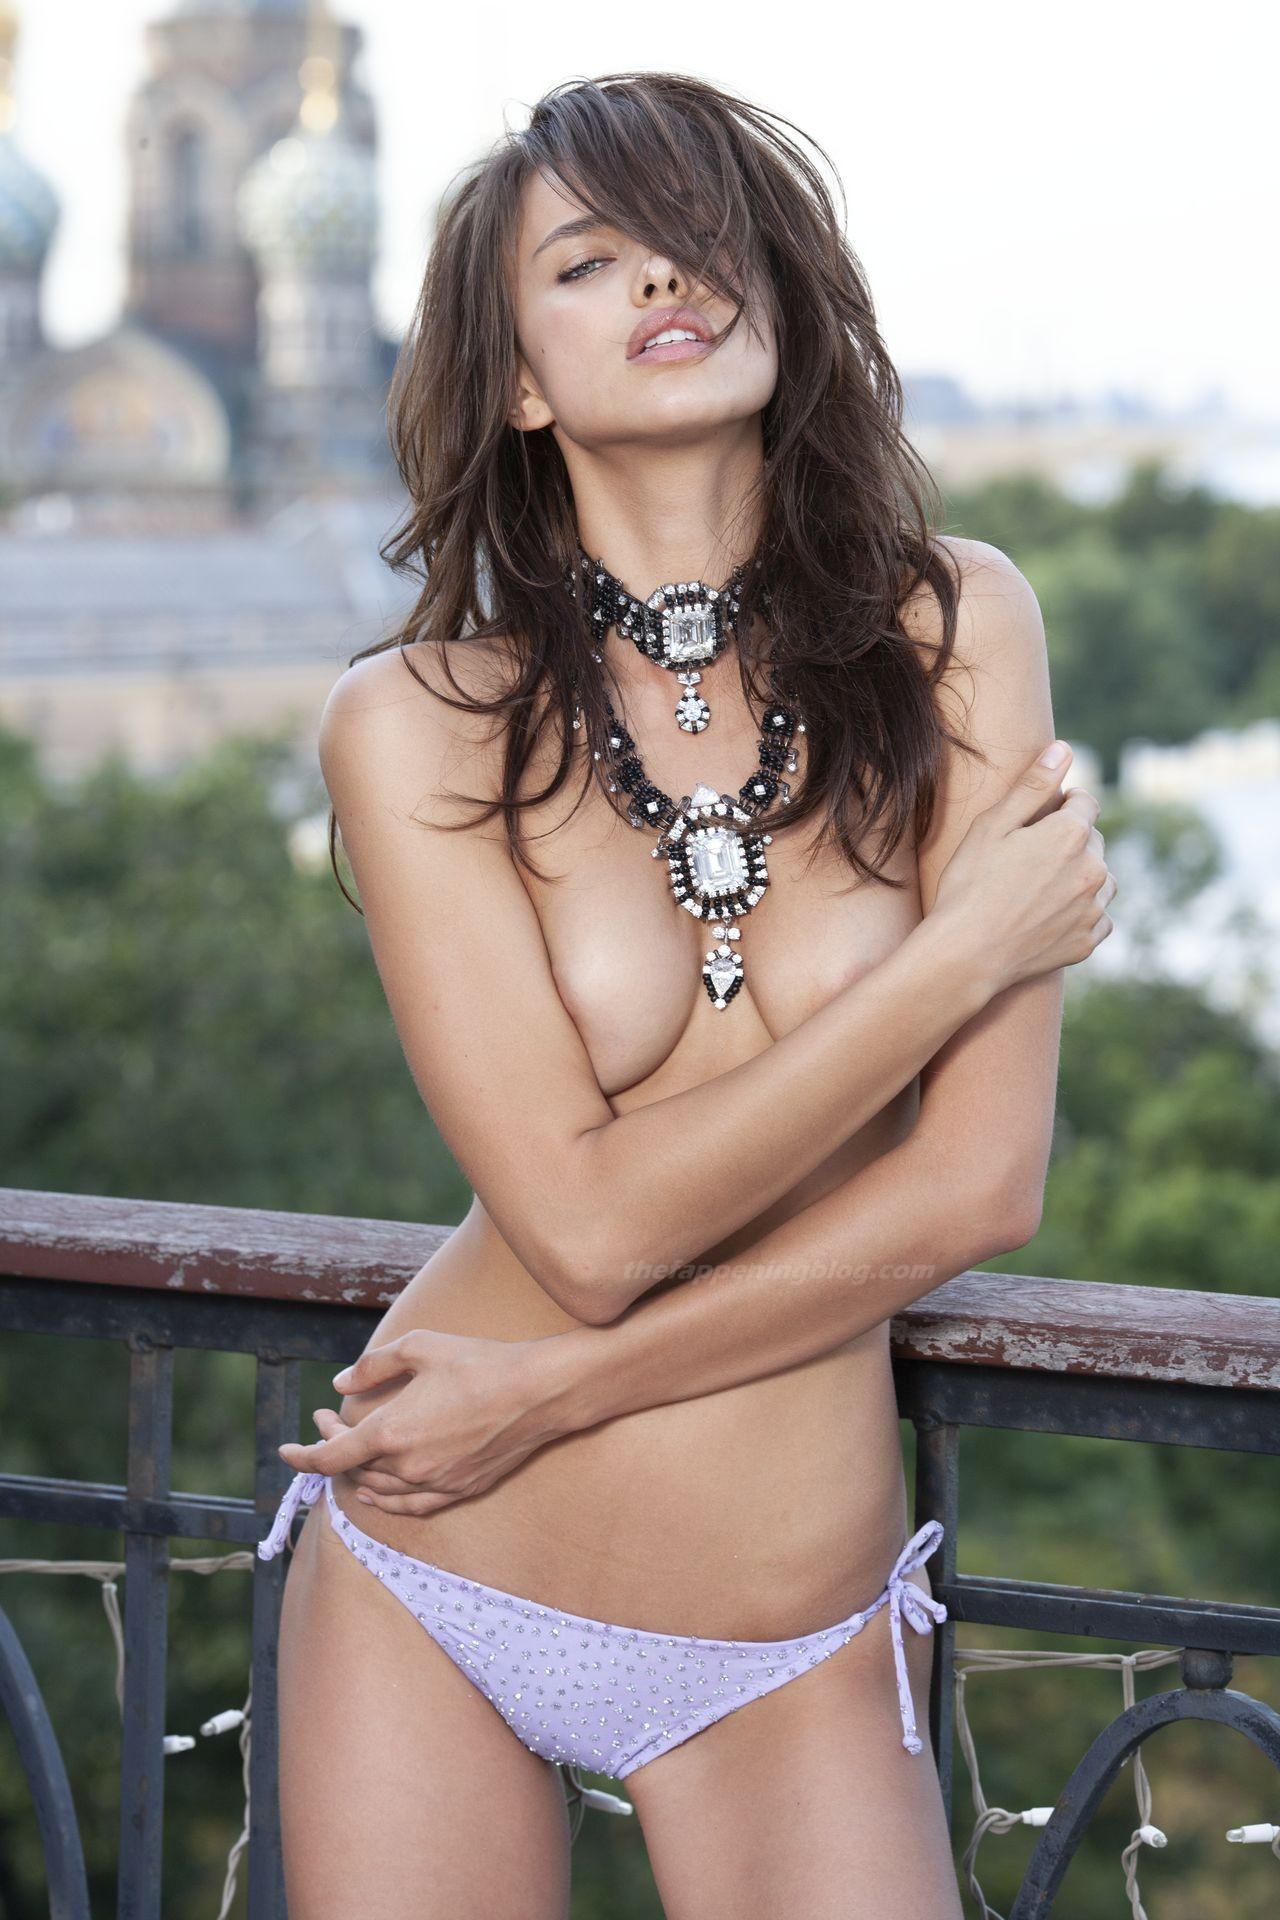 Irina Shayk Nude Leaked 0002